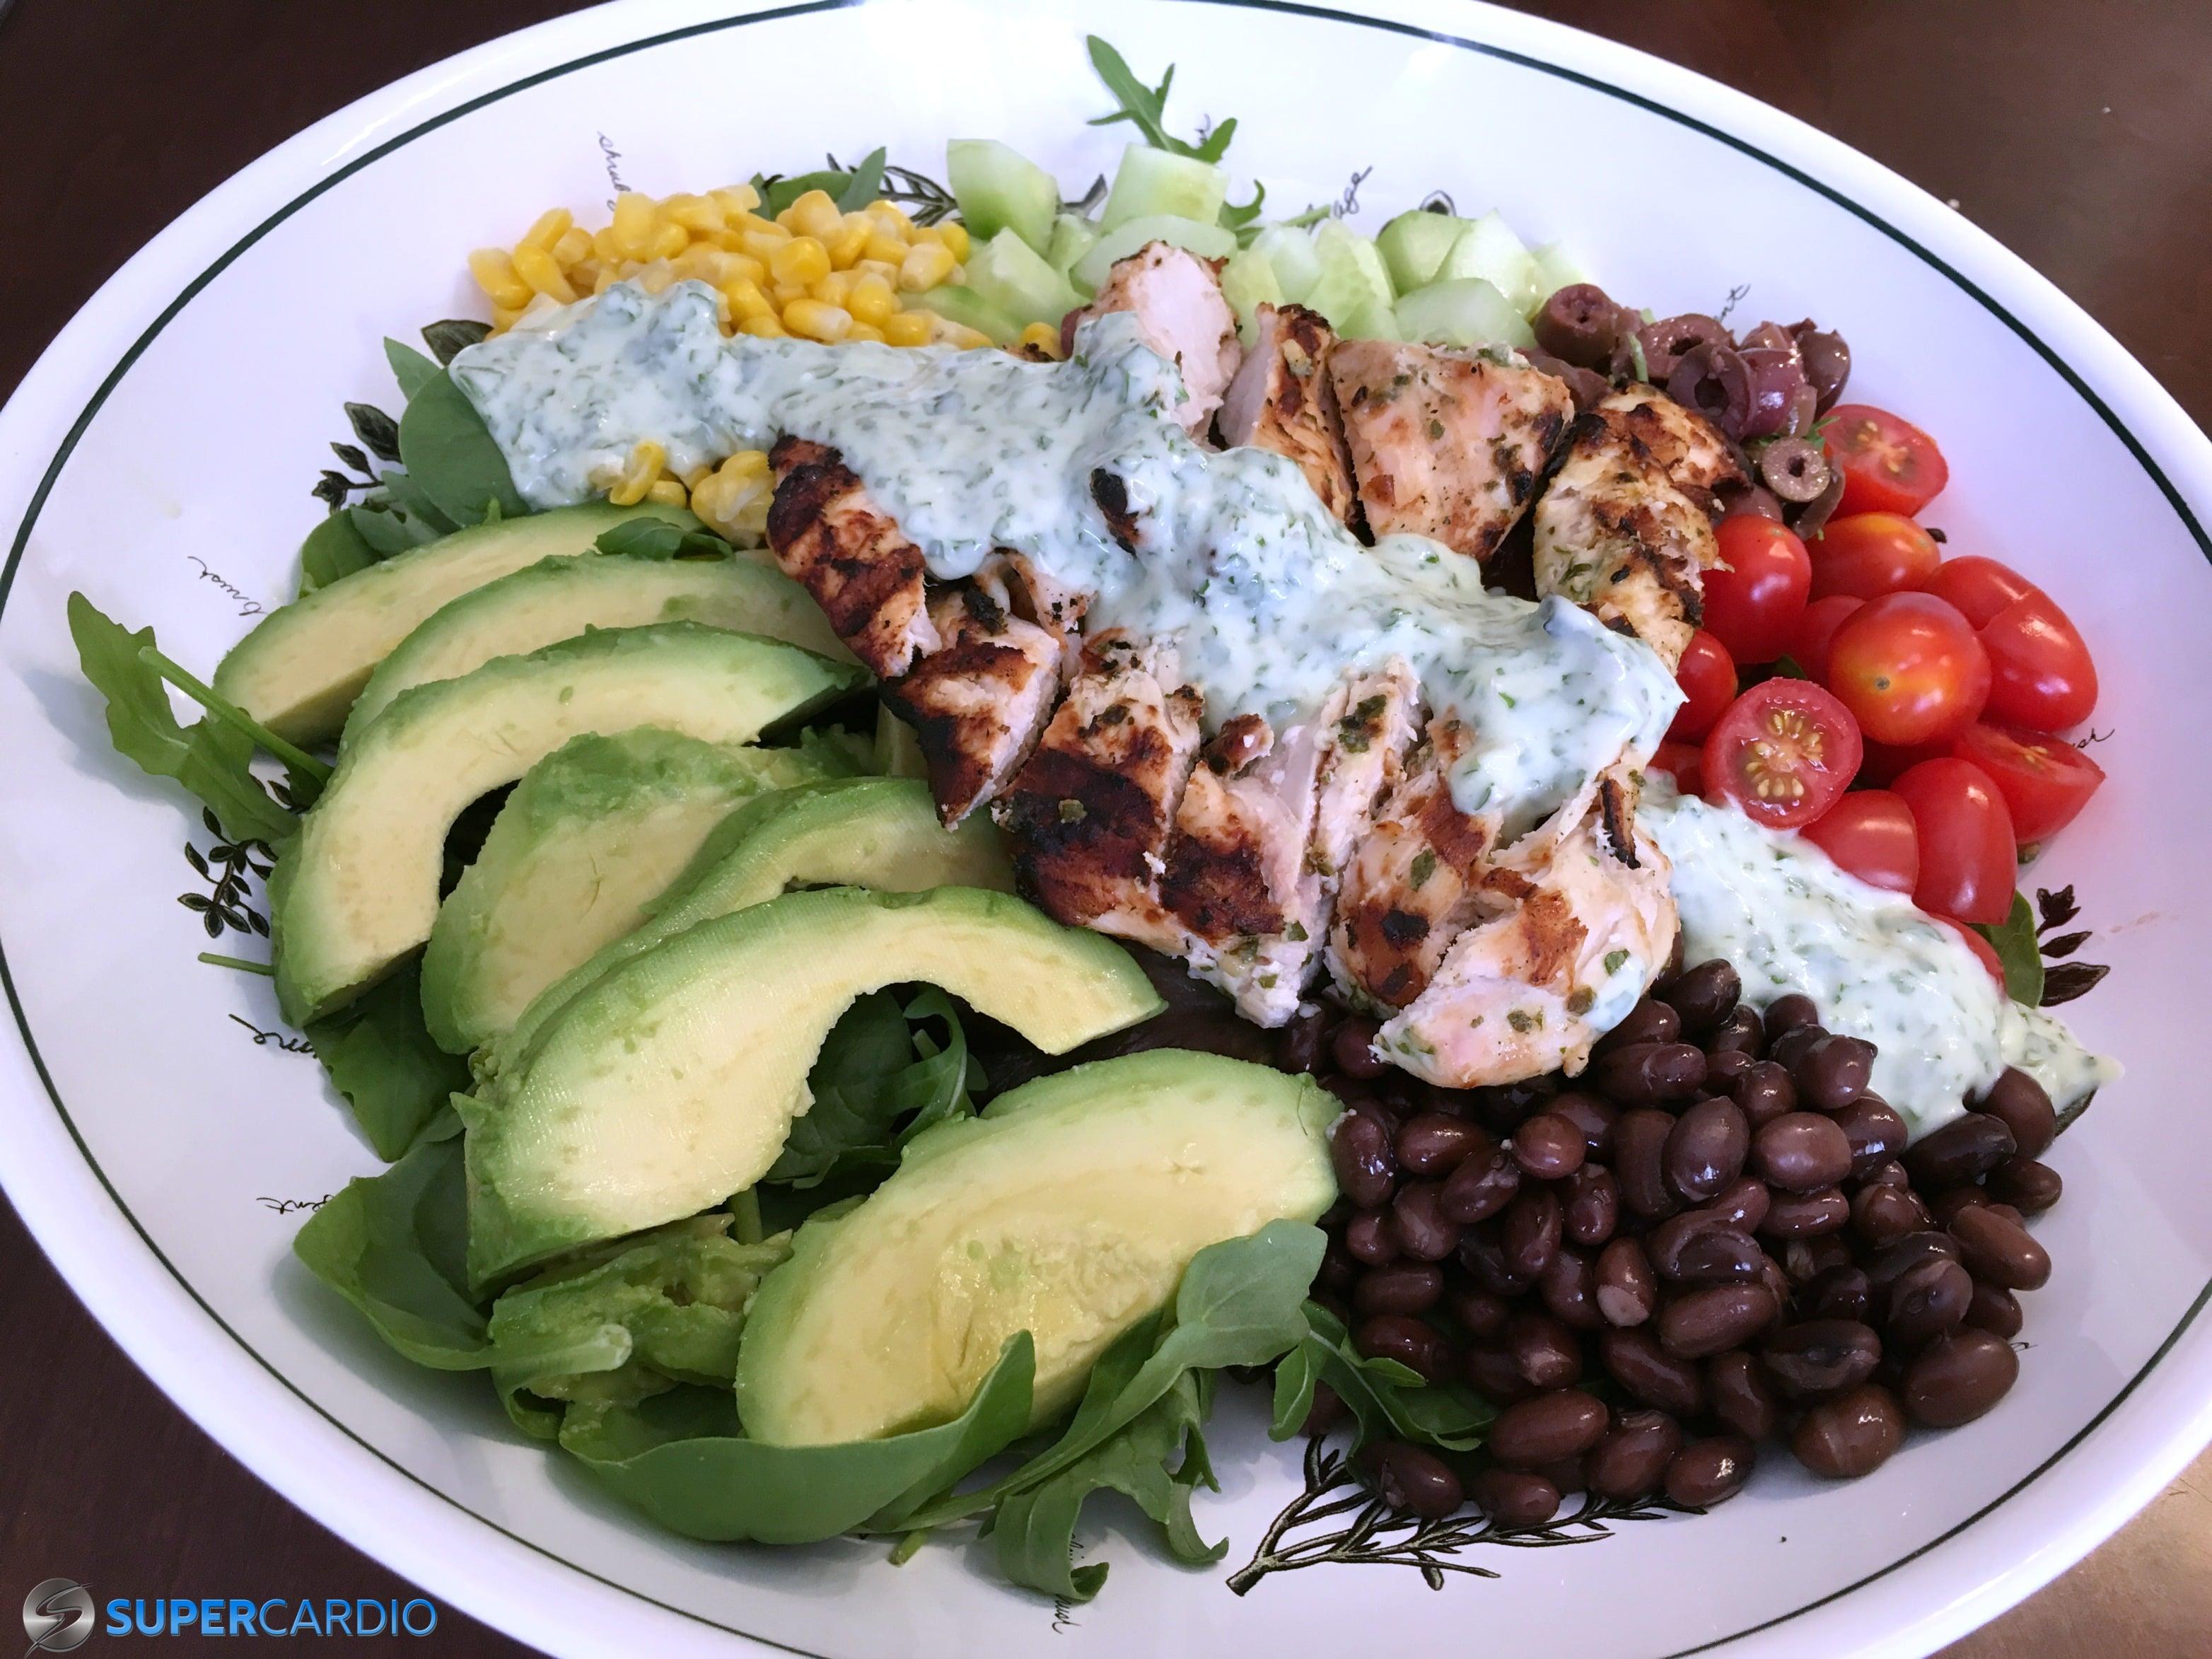 Salade mexicaine – vinaigrette à la coriandre, lime et yogourt grec